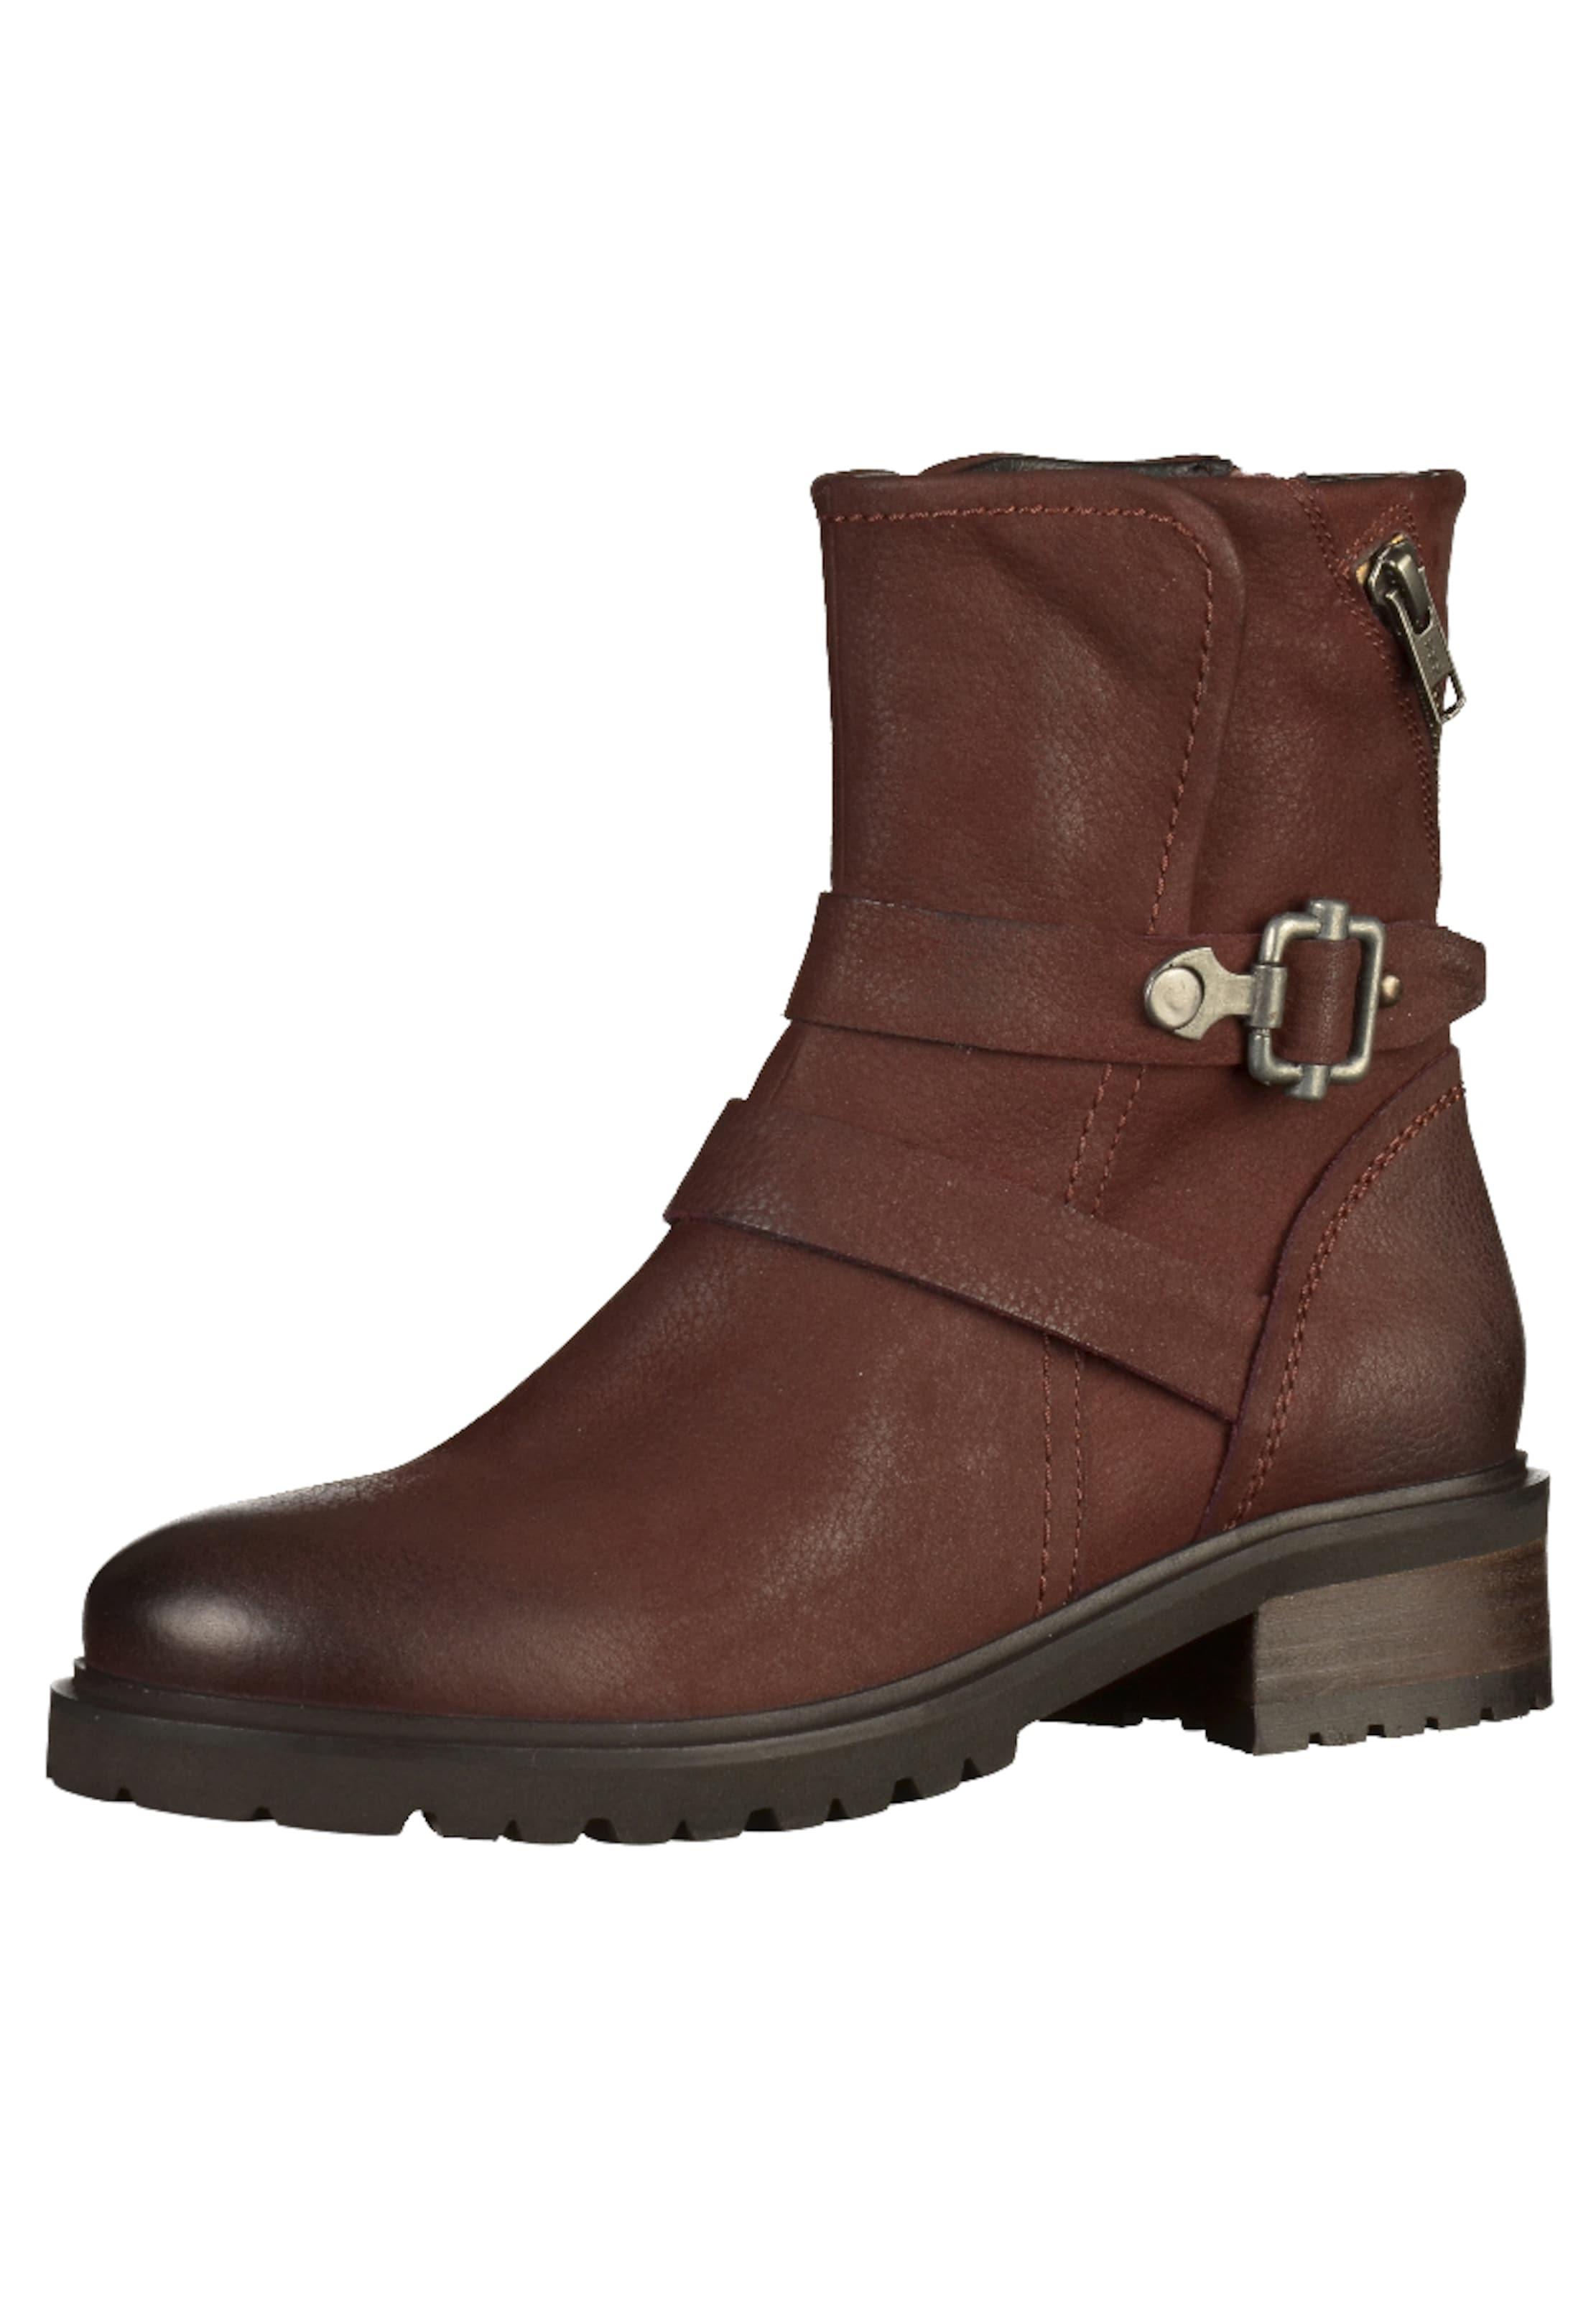 SPM Stiefelette Verschleißfeste billige Schuhe Hohe Hohe Schuhe Qualität f6edc7